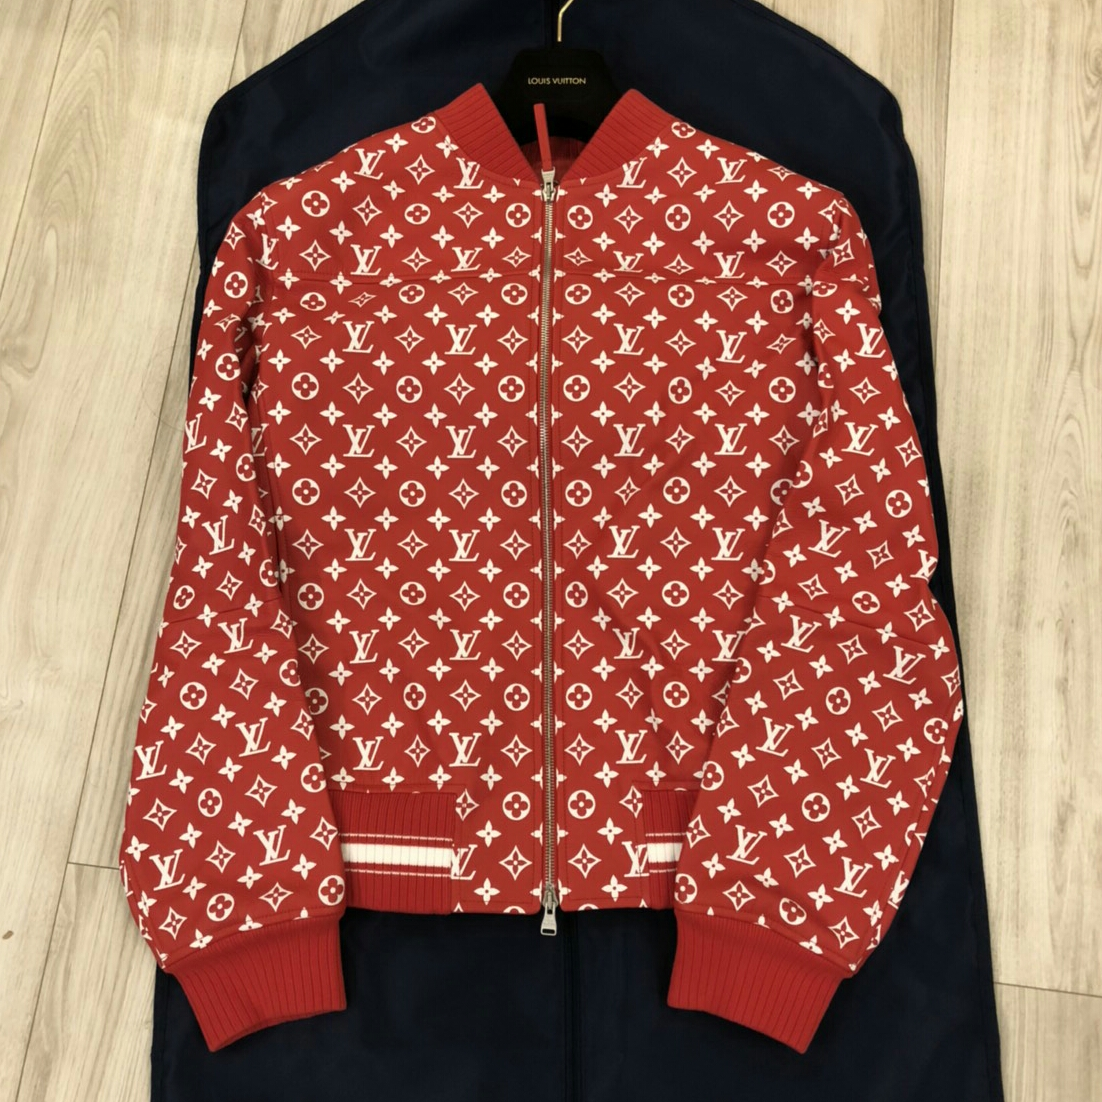 50 国内正規Supreme × Louis Vuitton Leather Baseball Jacket シュプリーム ルイヴィト